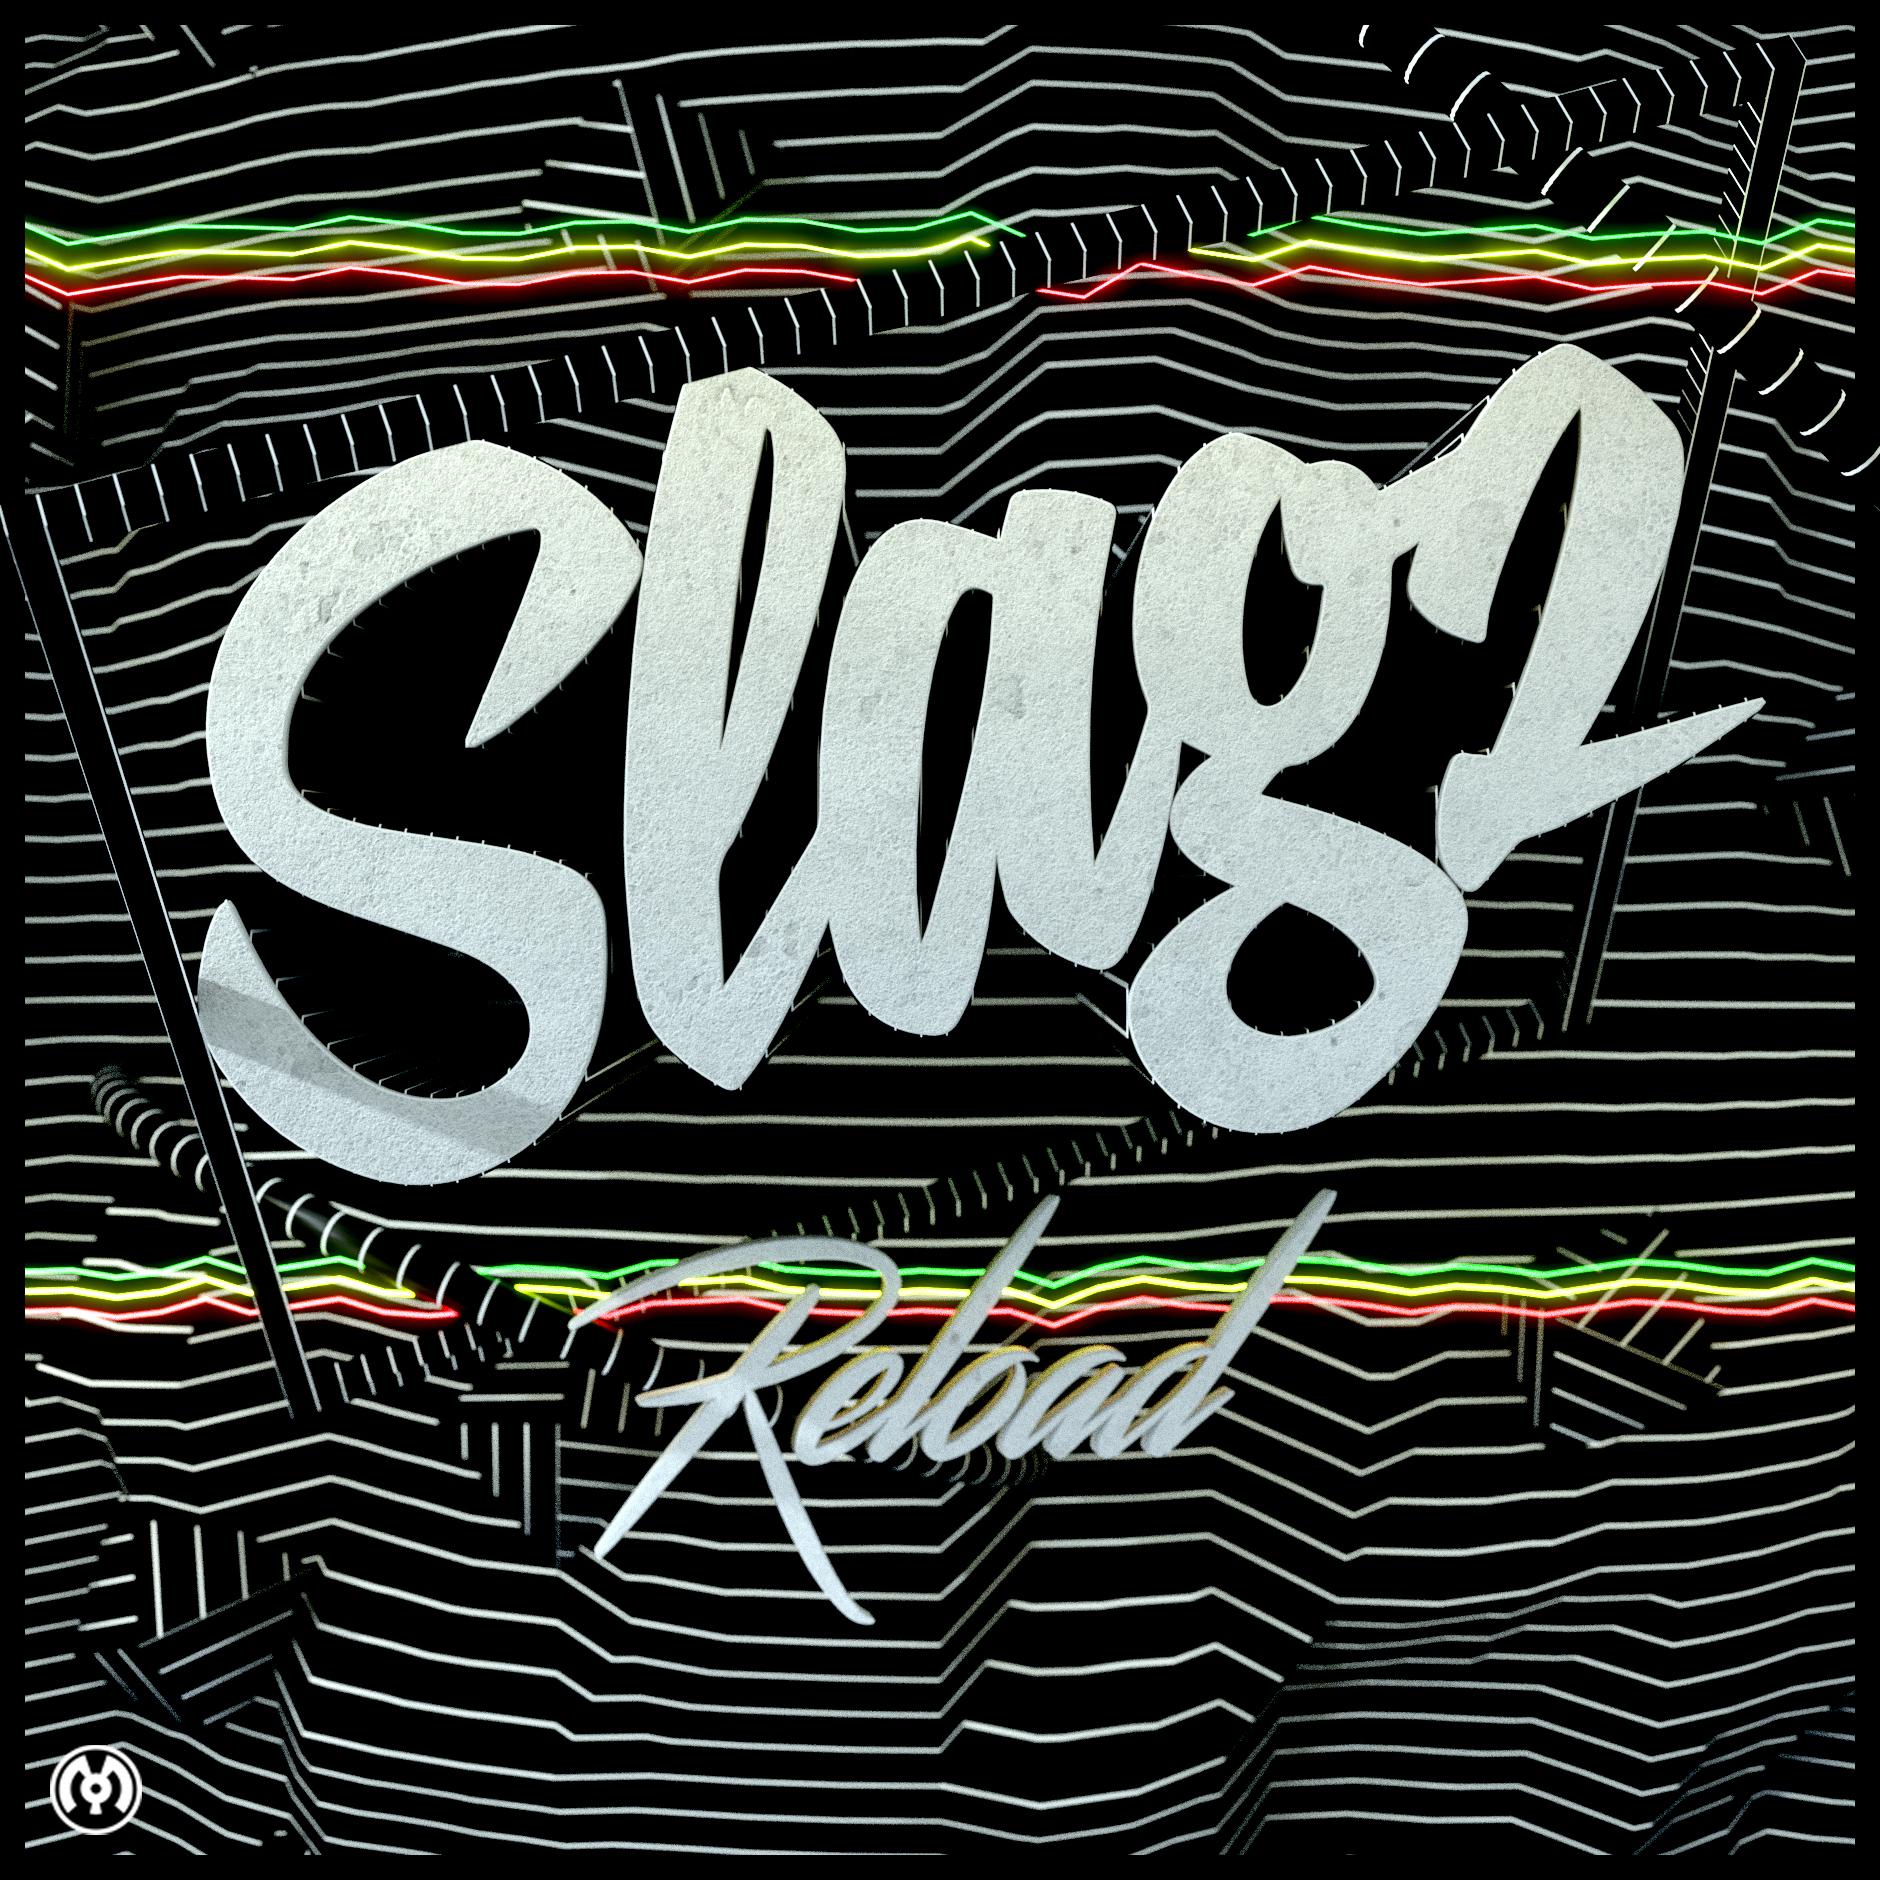 Slagz – Diffuse ft. Suspect Bitch